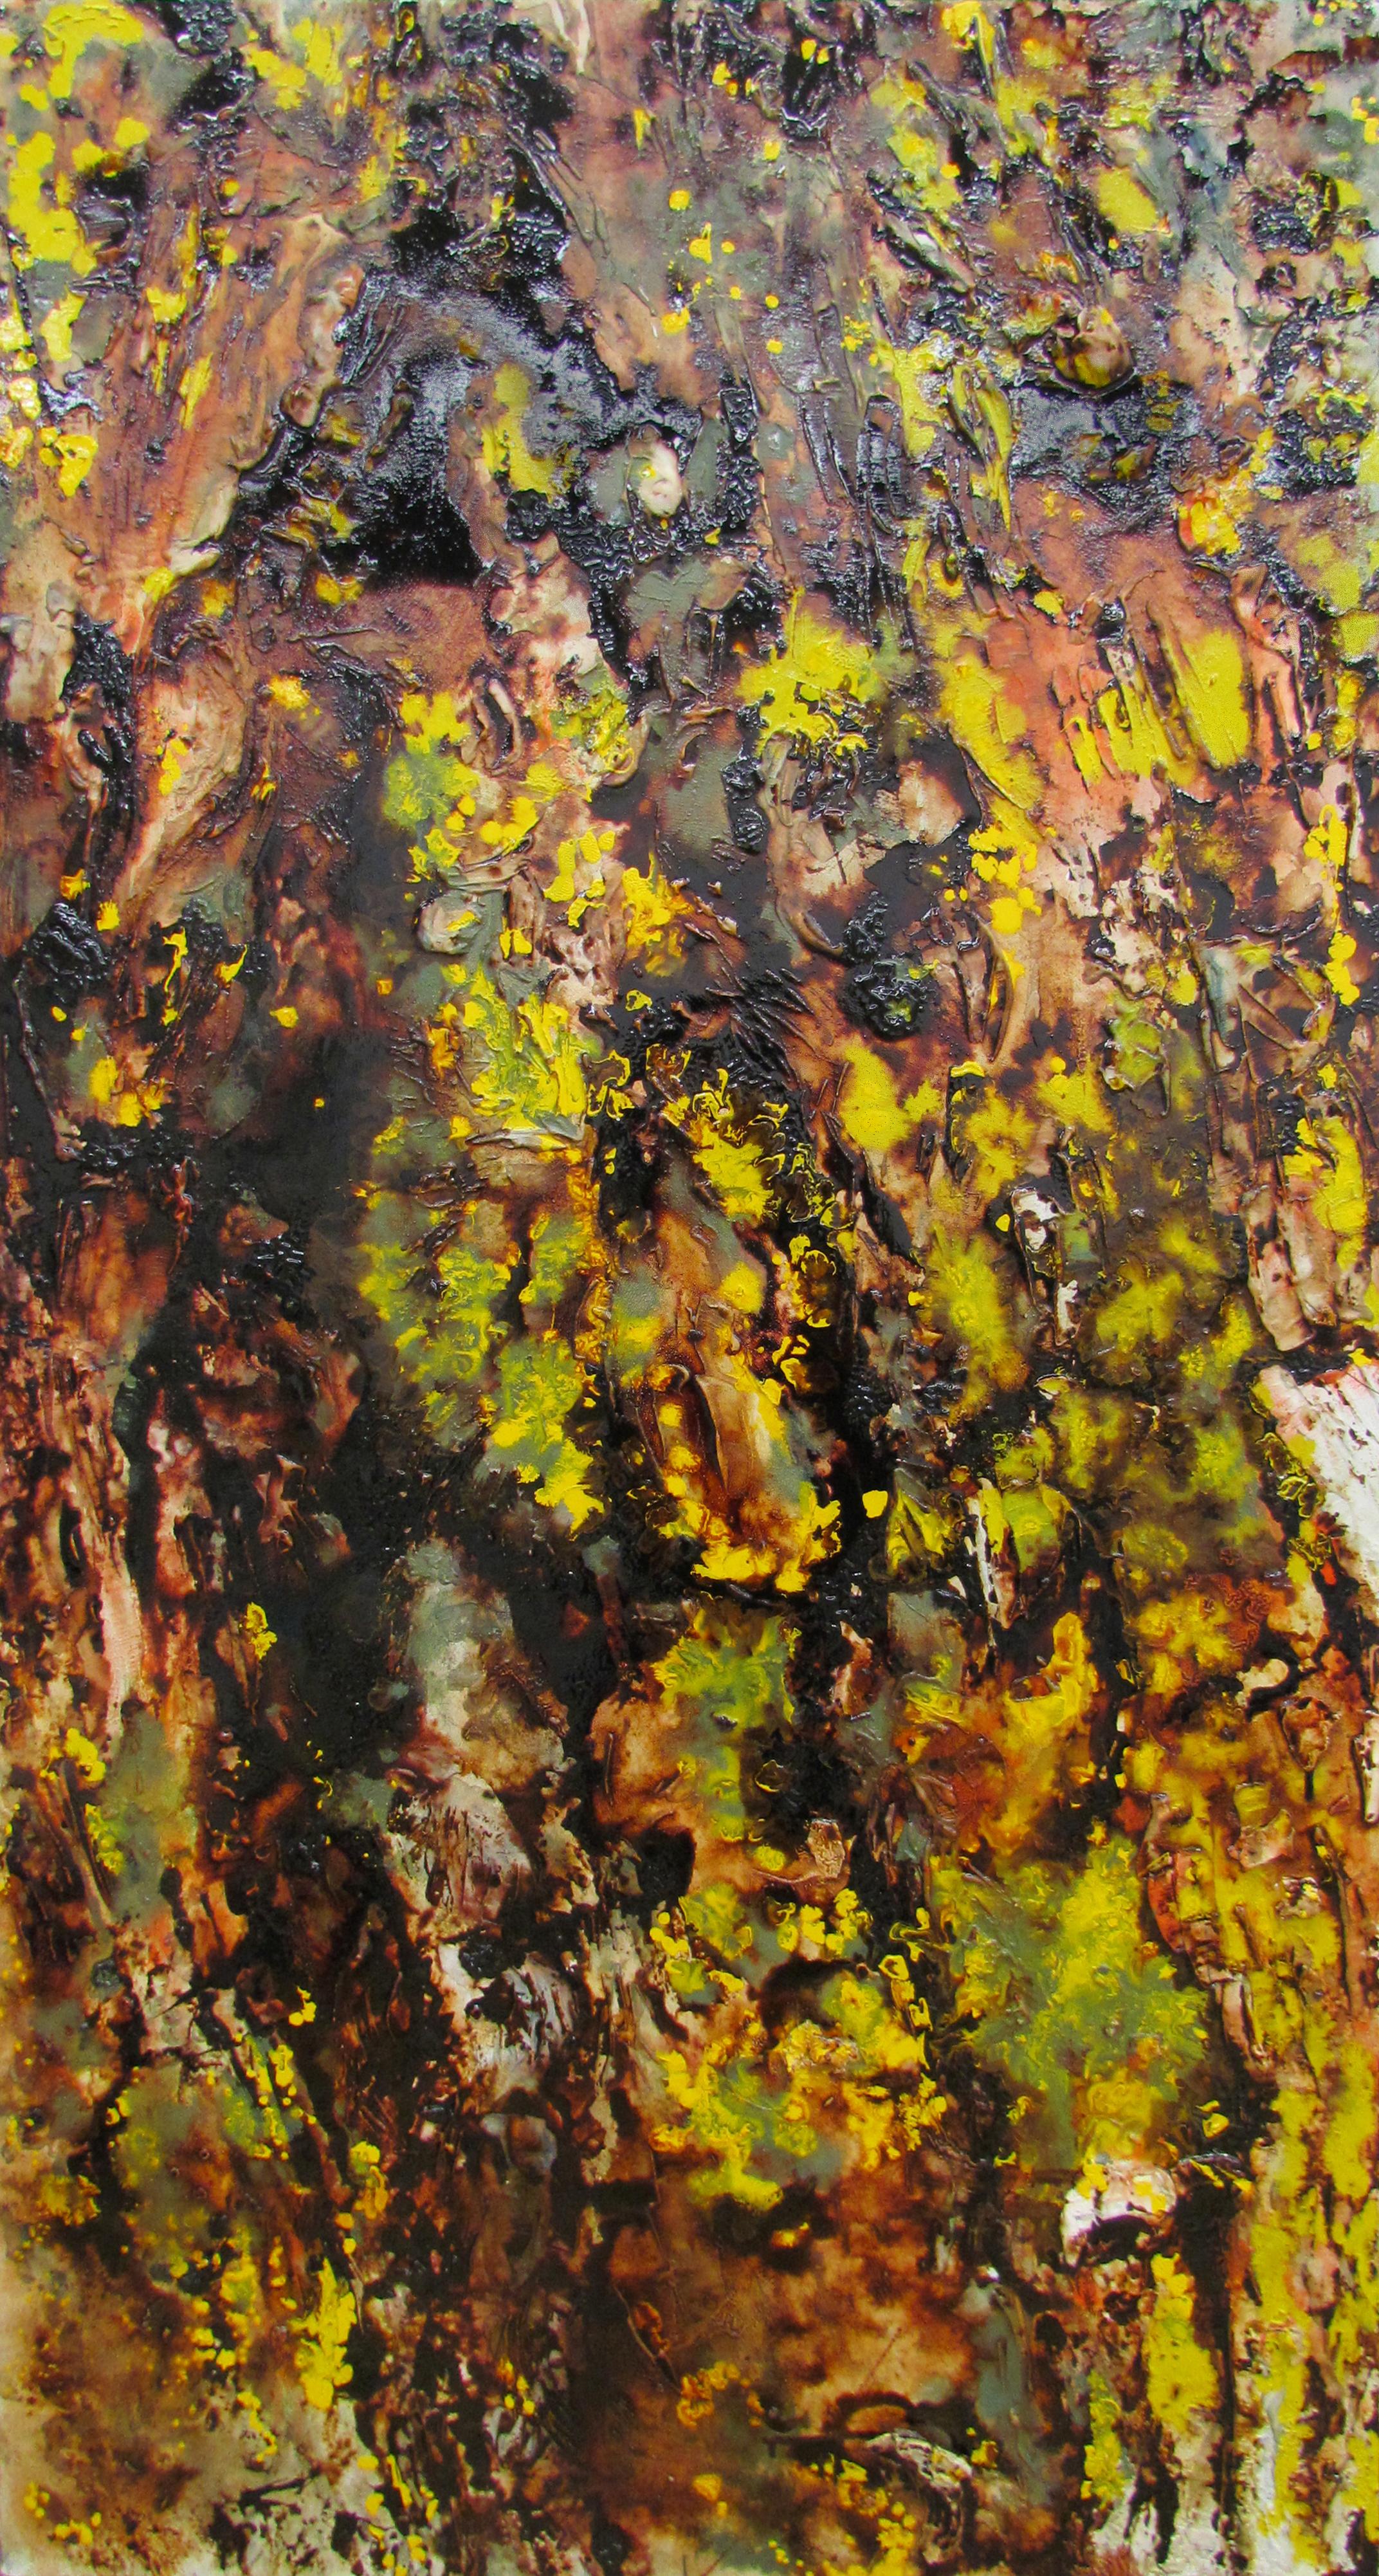 Tree Trunk III / 木の幹III   gofun, cashew lacquer on wooden board / 胡粉、カシューニス